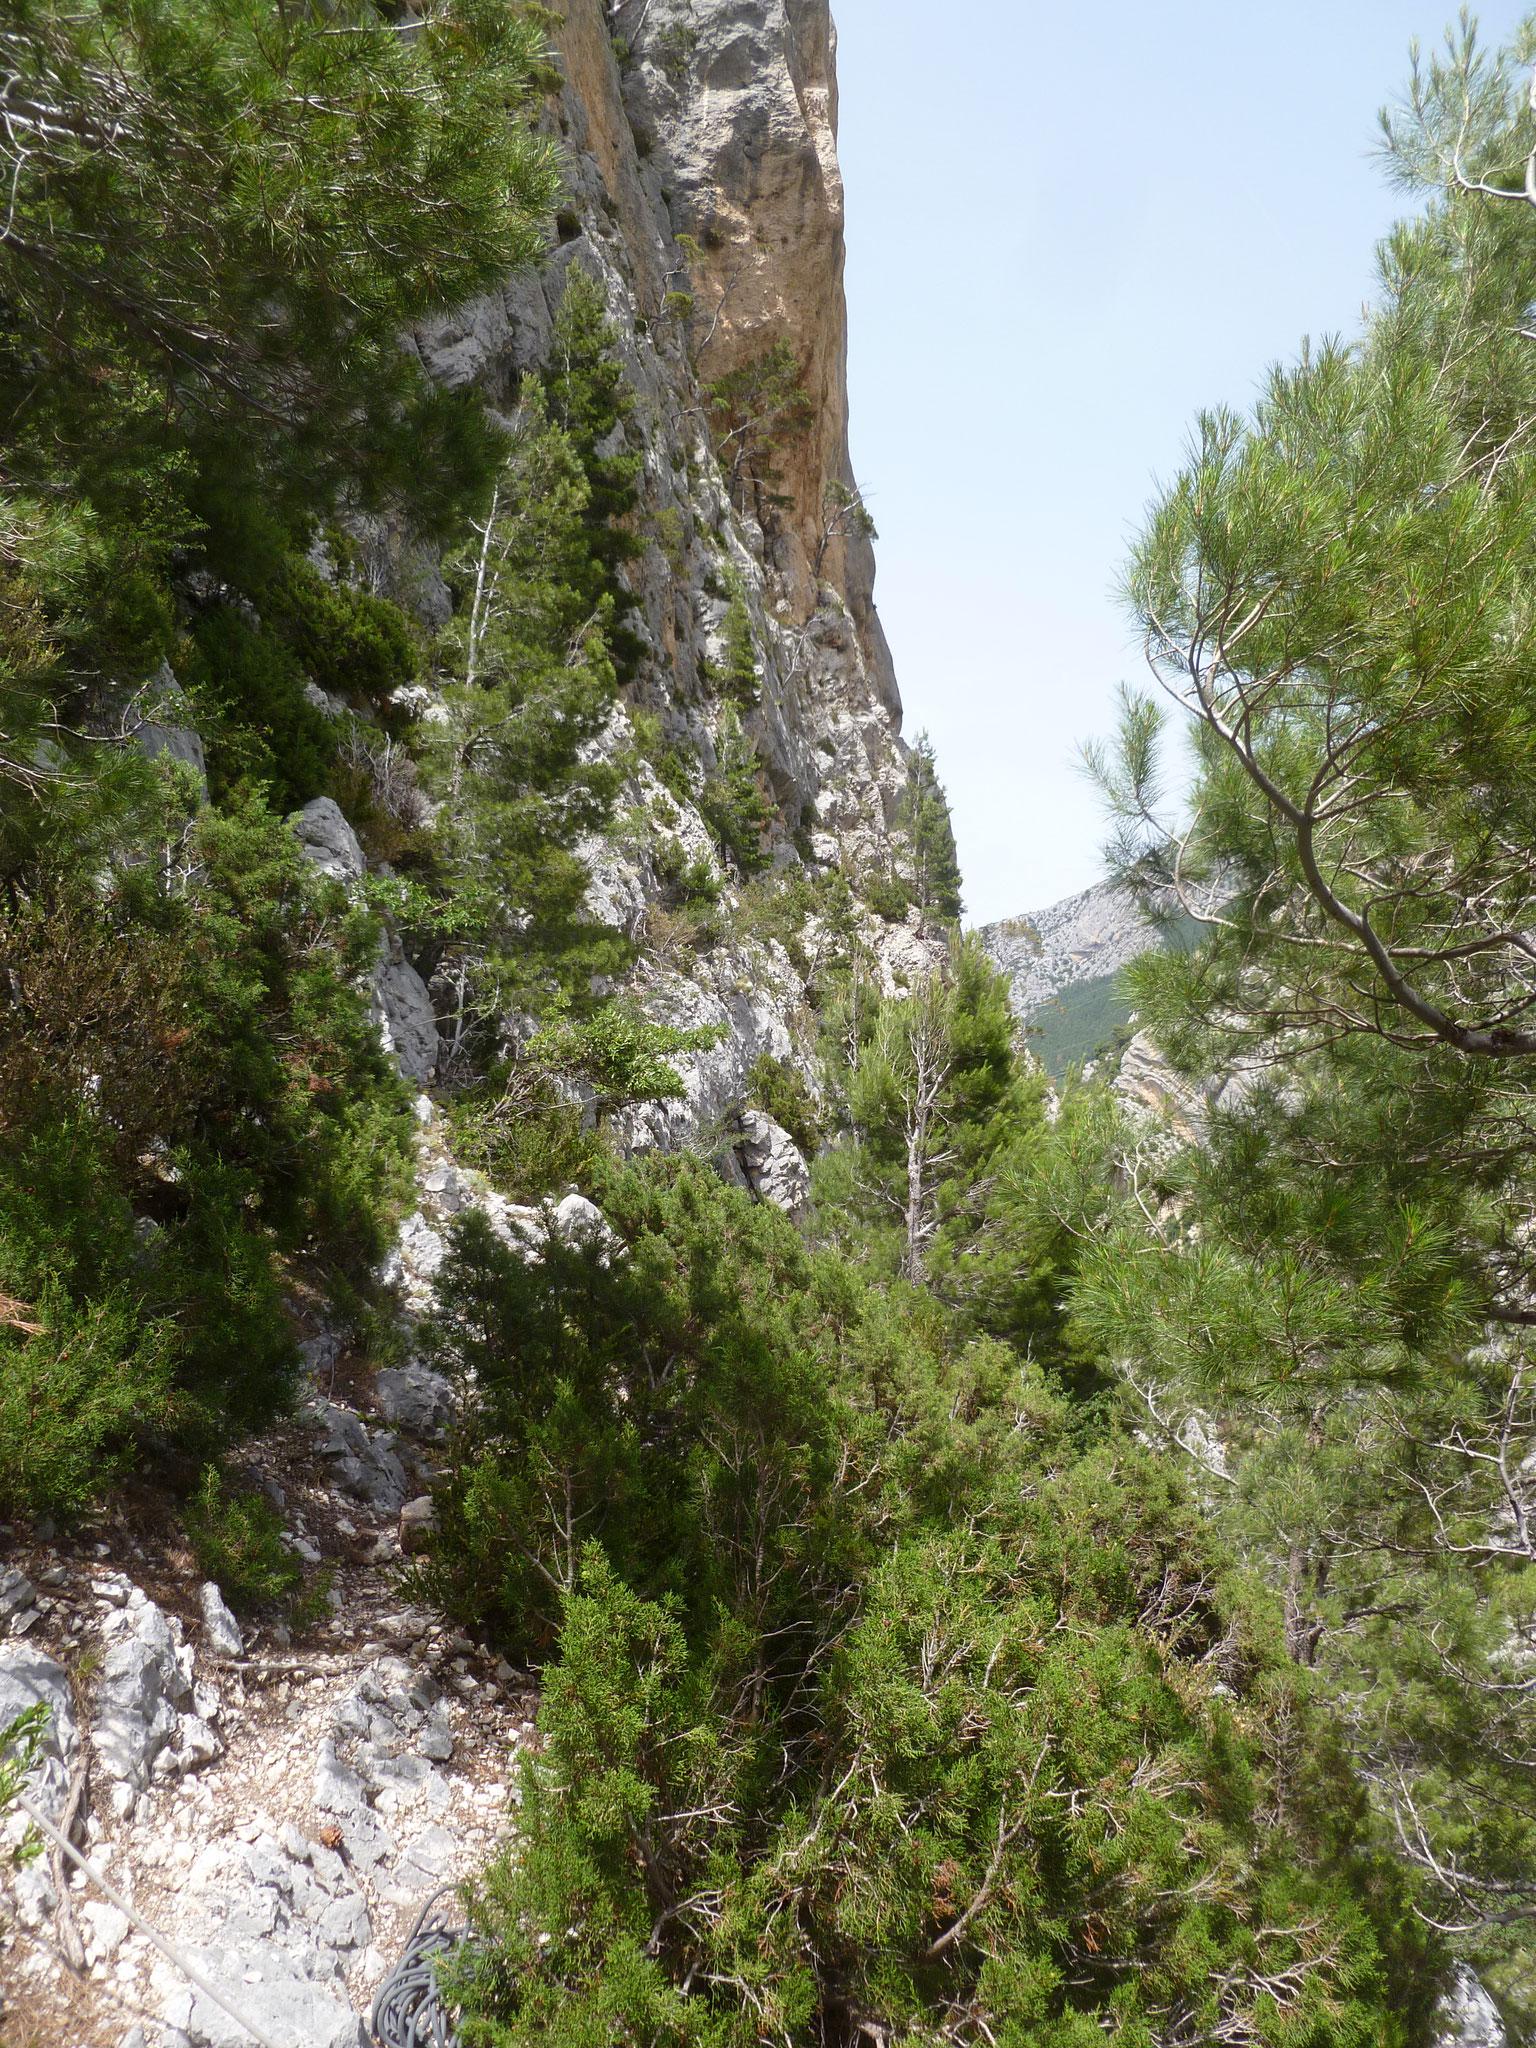 Rückblick auf die letzten Meter des Zustieges